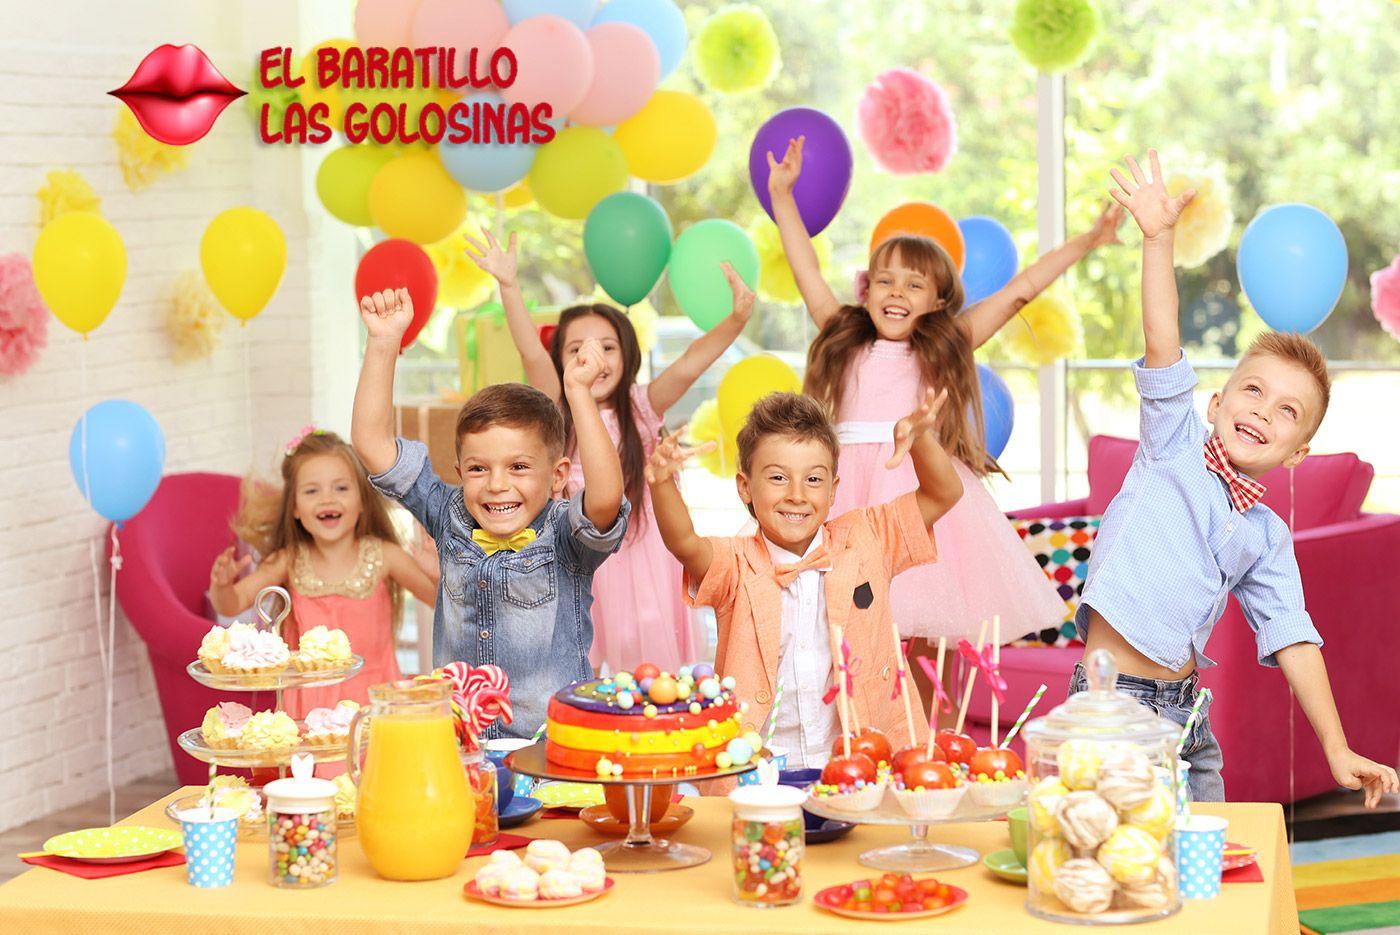 El Baratillo Las Golosinas sorprende con una nueva tienda online de chuches